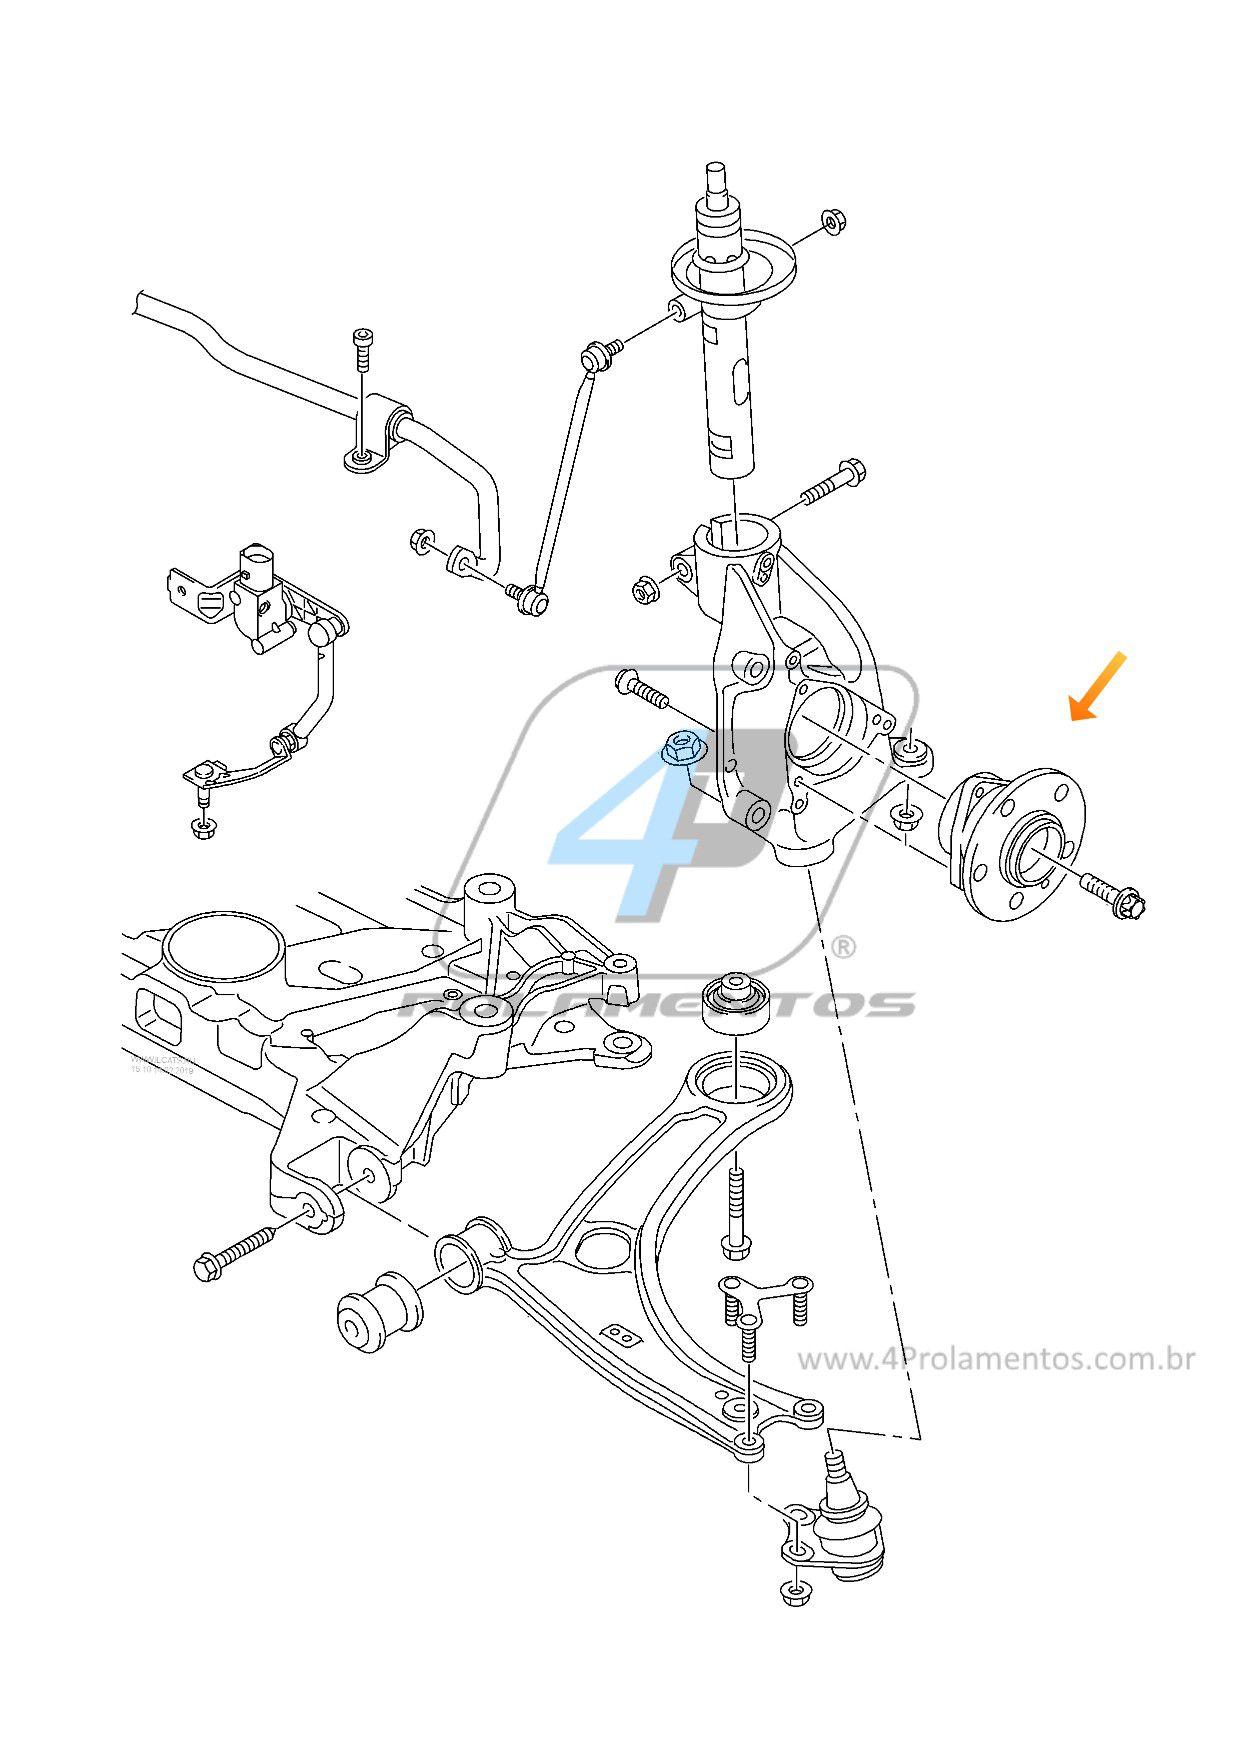 Cubo de Roda Dianteiro AUDI A3 2013 até 2017, p/ veículos com Disco de Freio de 312mm